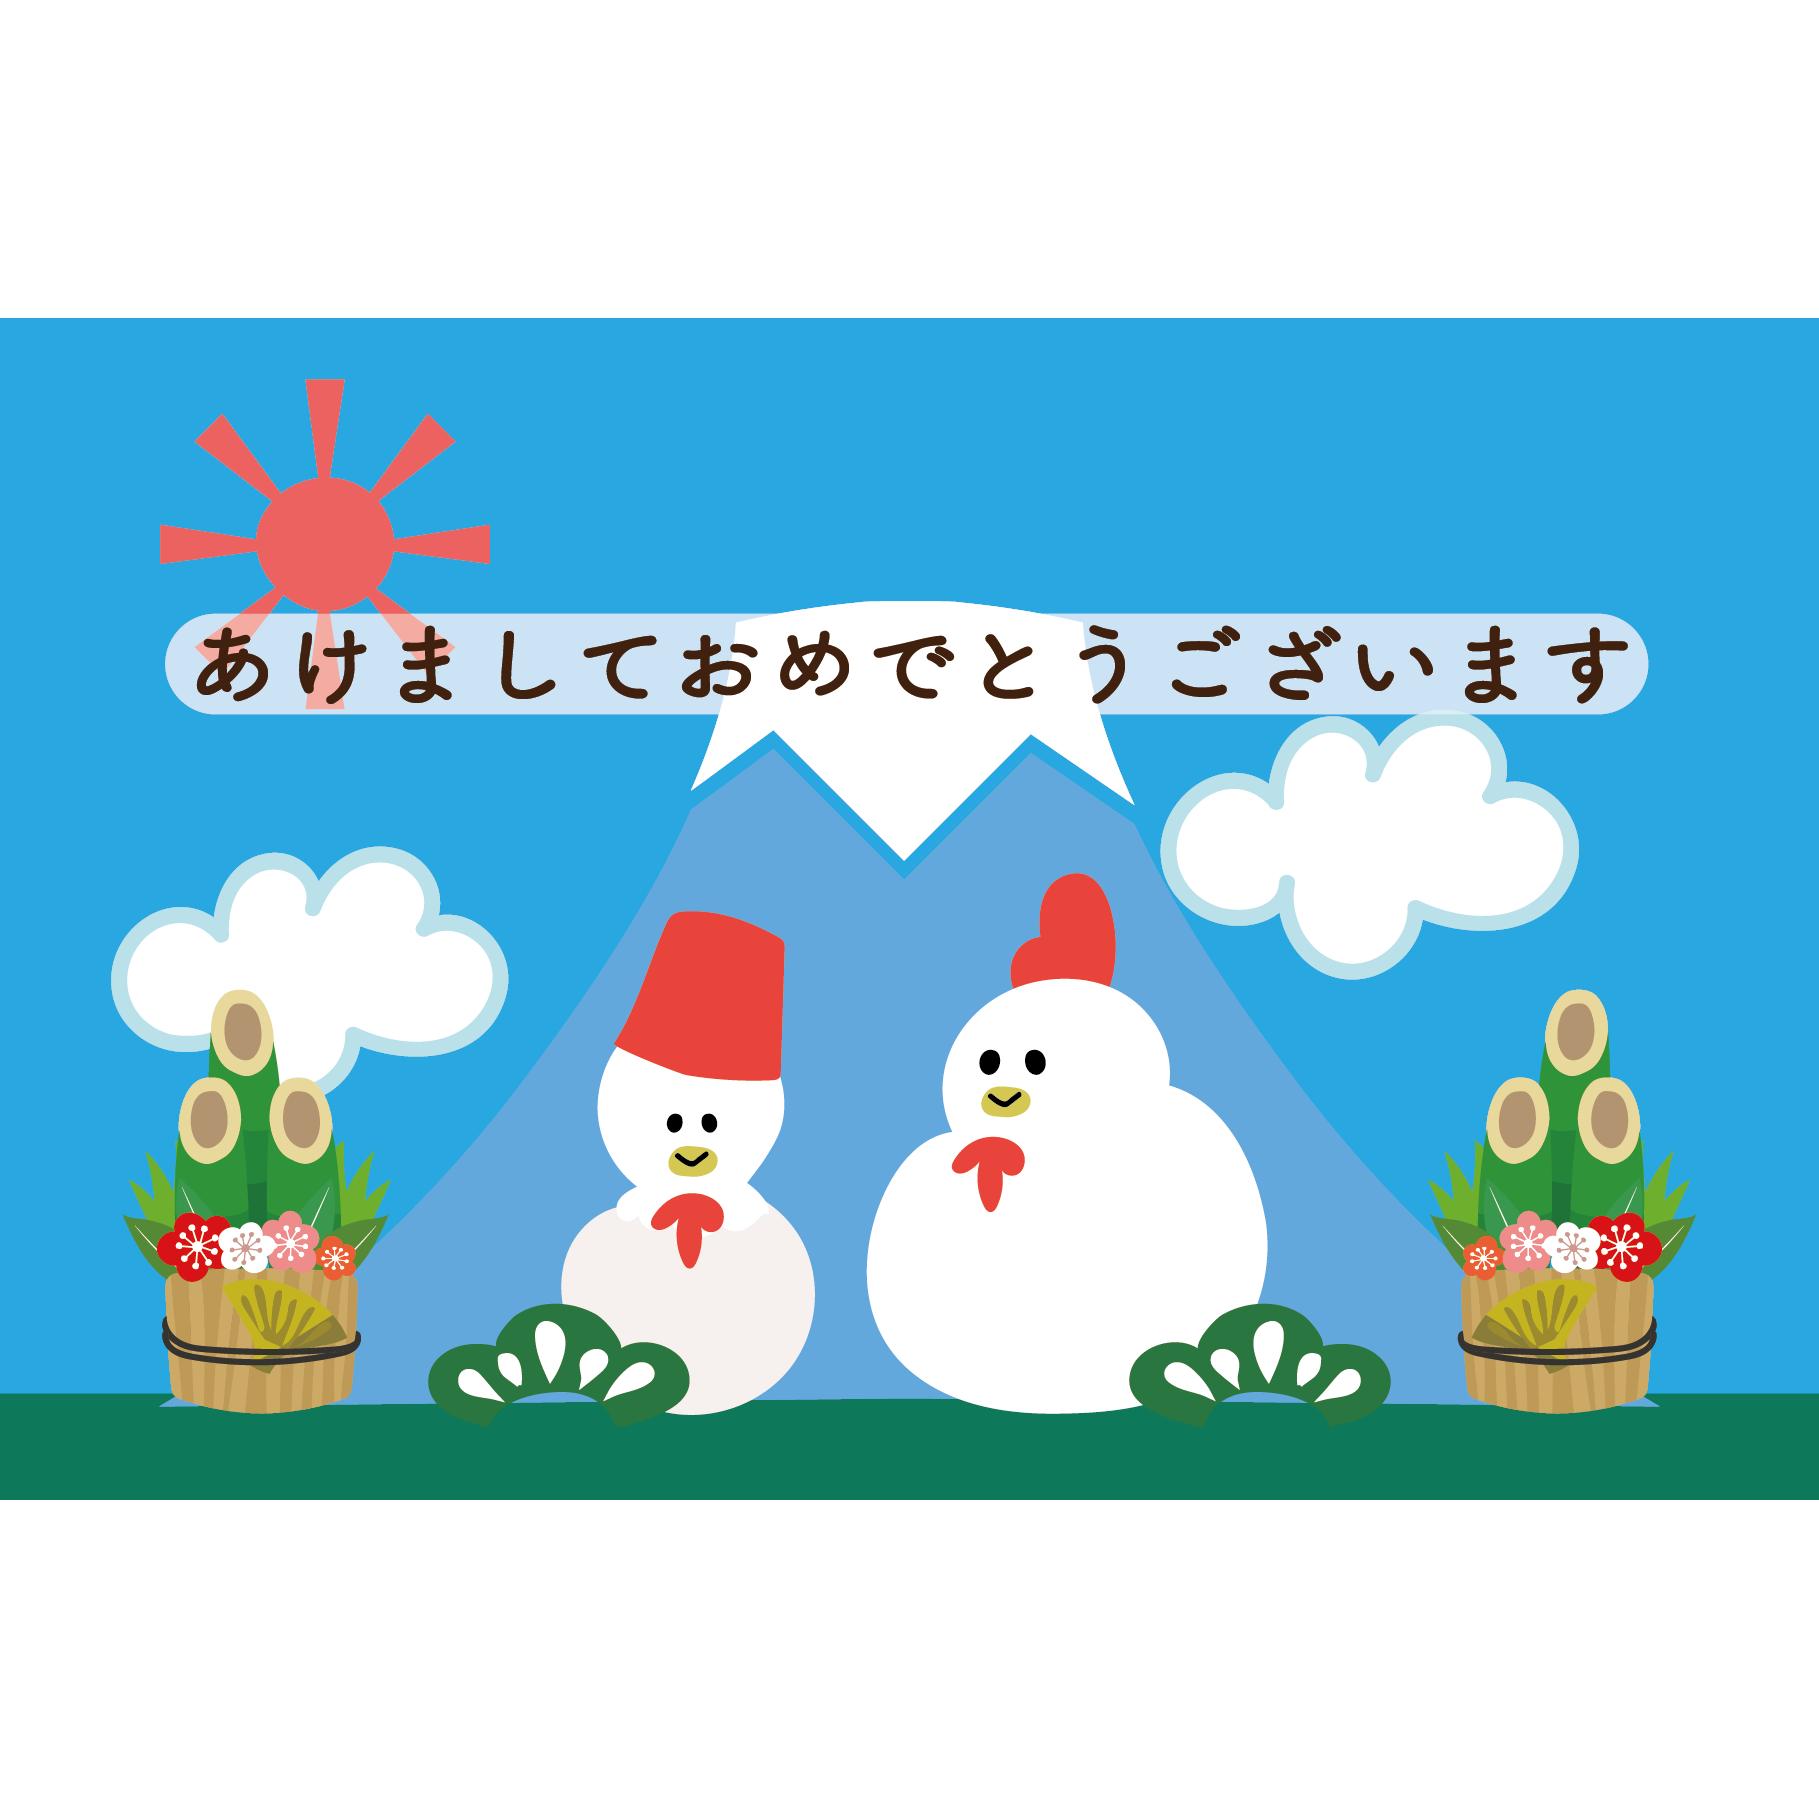 酉年可愛い鶏の親子の年賀状 イラスト 2017年 商用フリー無料の